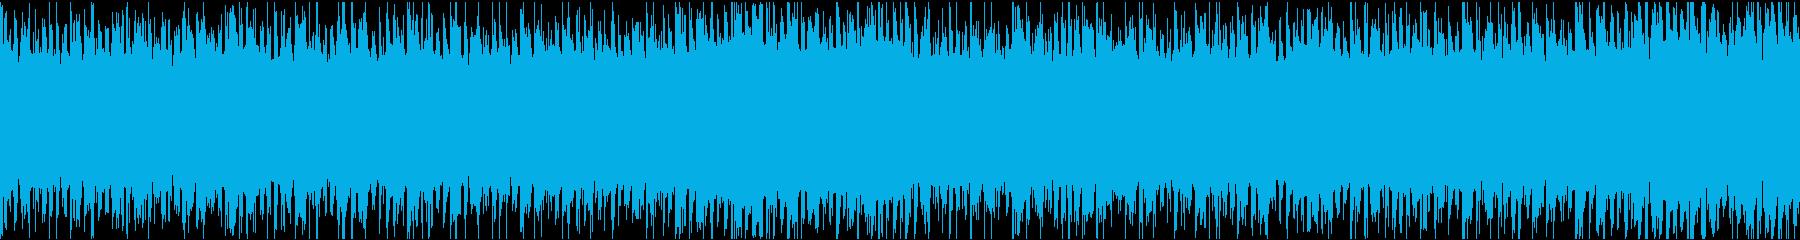 ハラハラ緊迫感のあるループの再生済みの波形